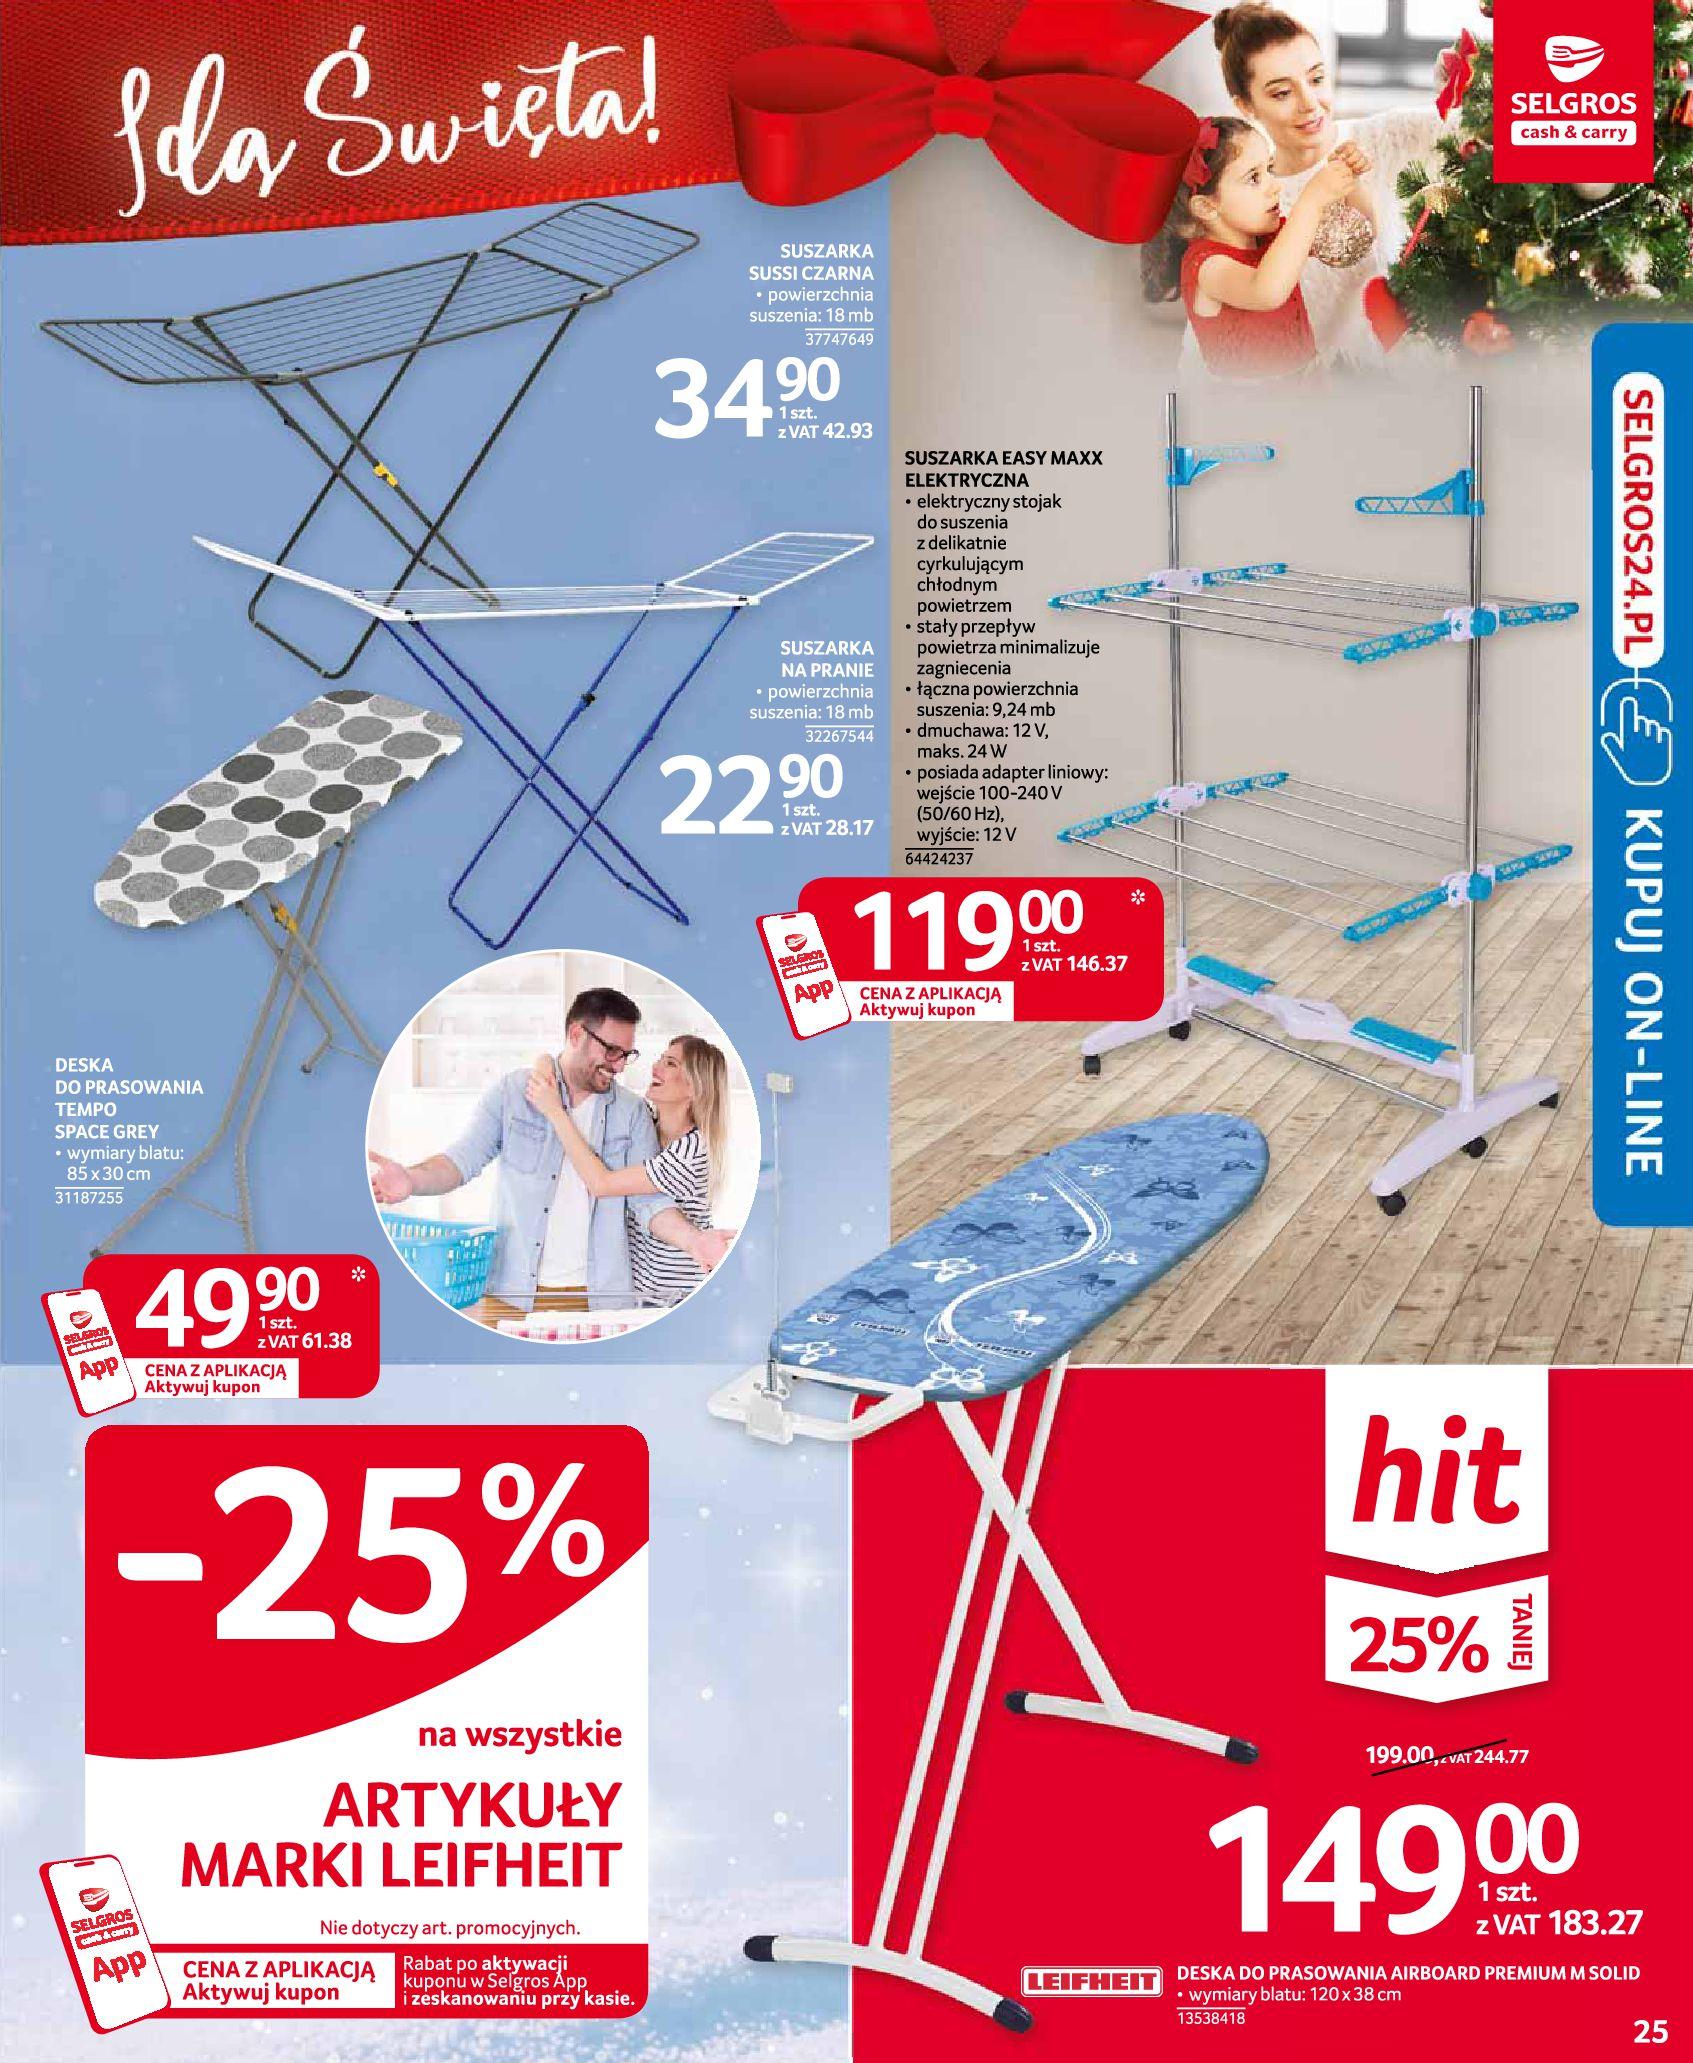 Gazetka Selgros: Oferta przemysłowa 2020-11-19 page-25